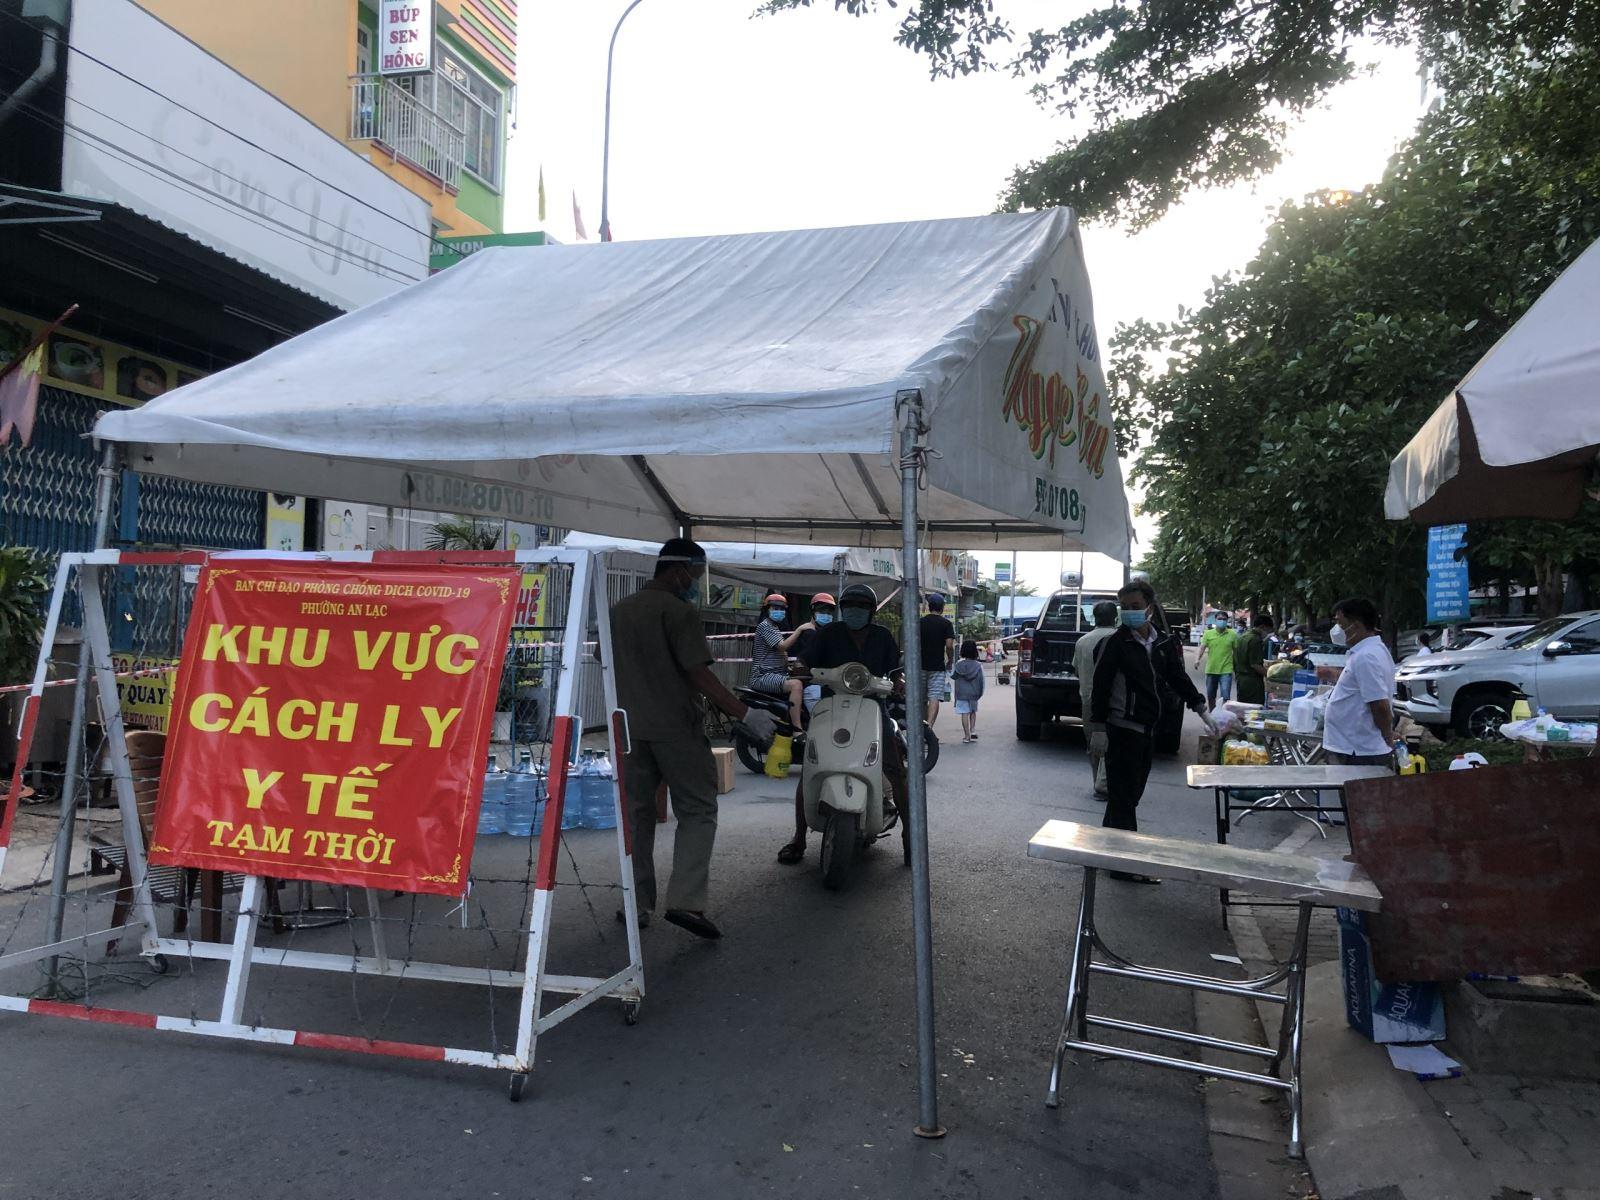 TP Hồ Chí Minh: Phong tỏa 14 block chung cư Ehome 3 với khoảng 7.600 cư dân - Ảnh 1.